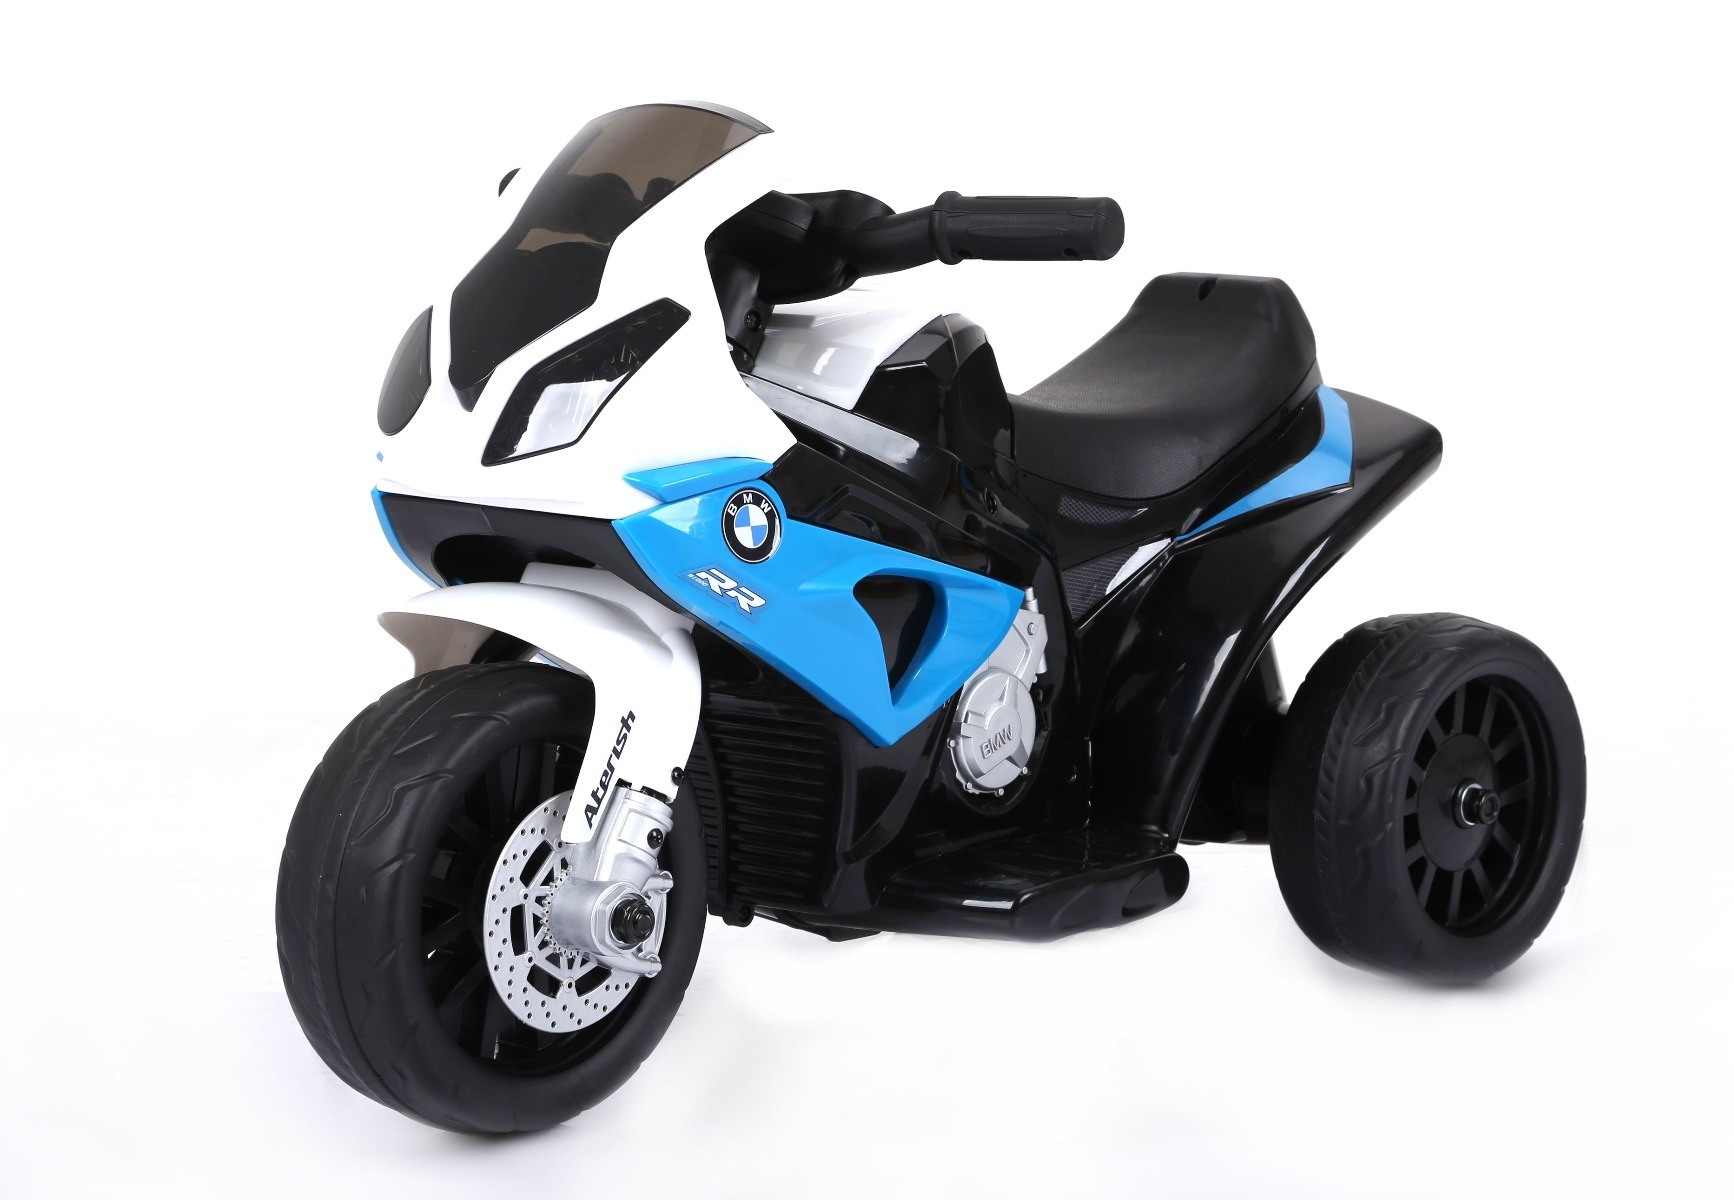 S 1000 Rr Tricycle électrique pour enfants, Moto ? piles, 3 roues, sous licence, 1x moteur, batterie 6V, Bleu